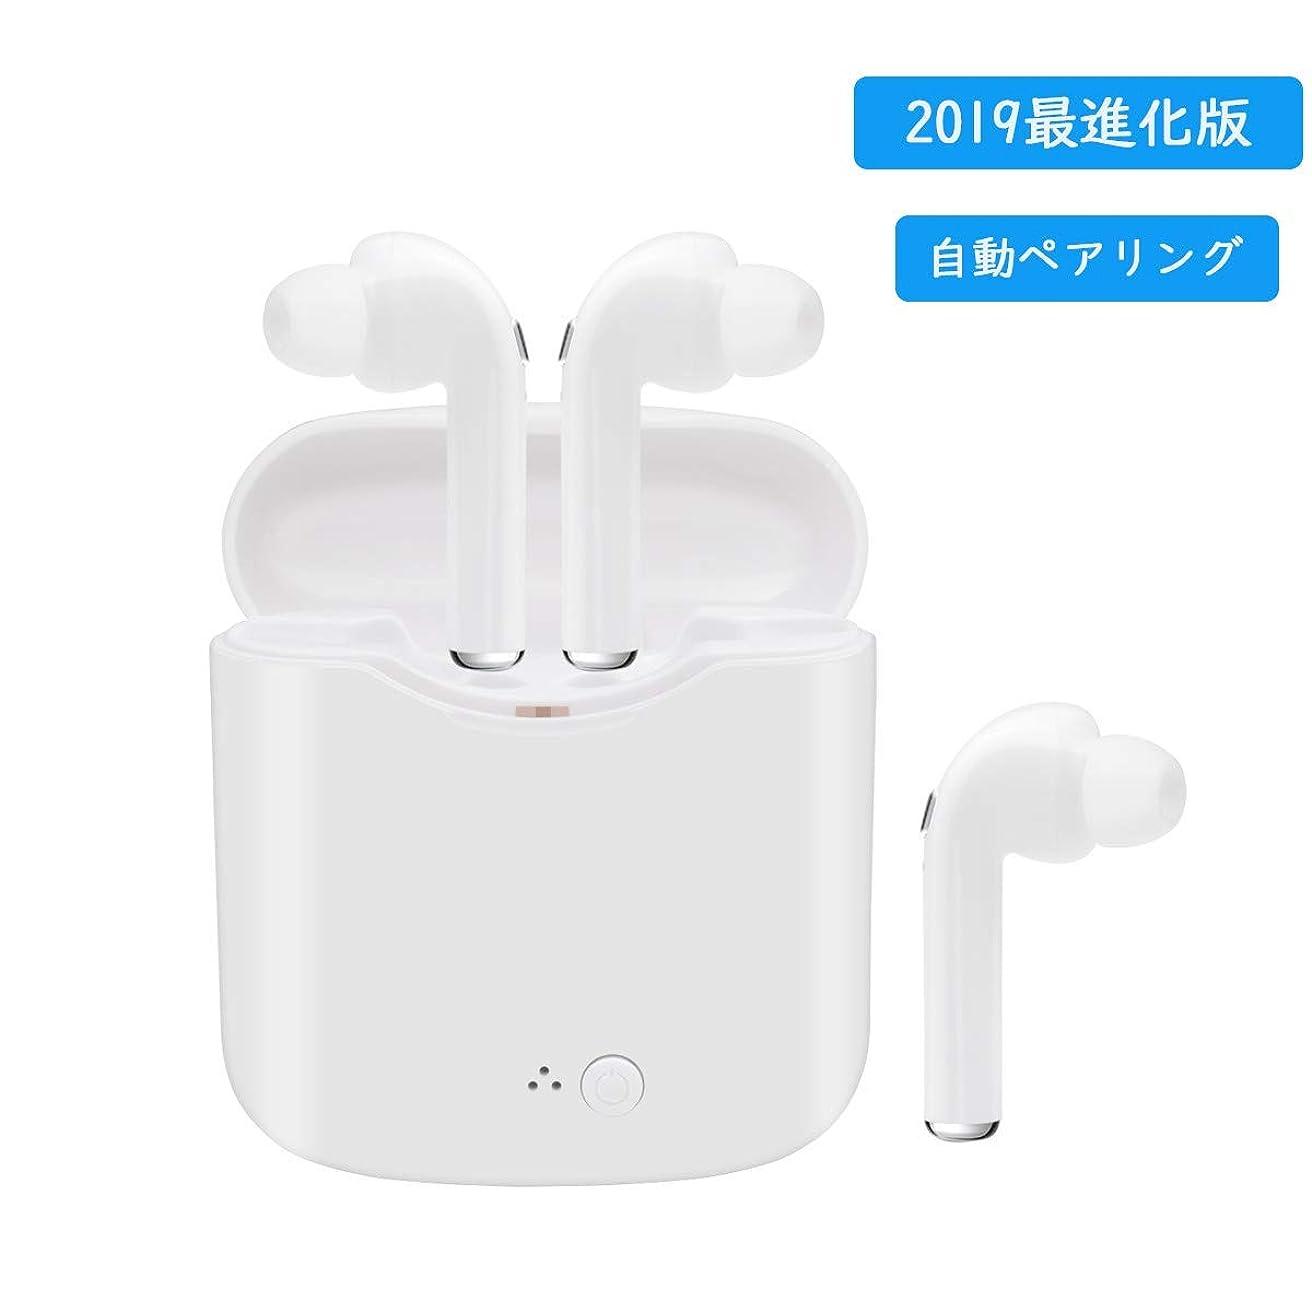 主意志早いYumeGo iphone イヤホン bluetooth イヤホン iphone 完全ワイヤレス イヤホン ワンボタン設計 左右分離型 充電ケース付き 通話可 高音質 Airpods iPhone/Android対応(日本語説明書)